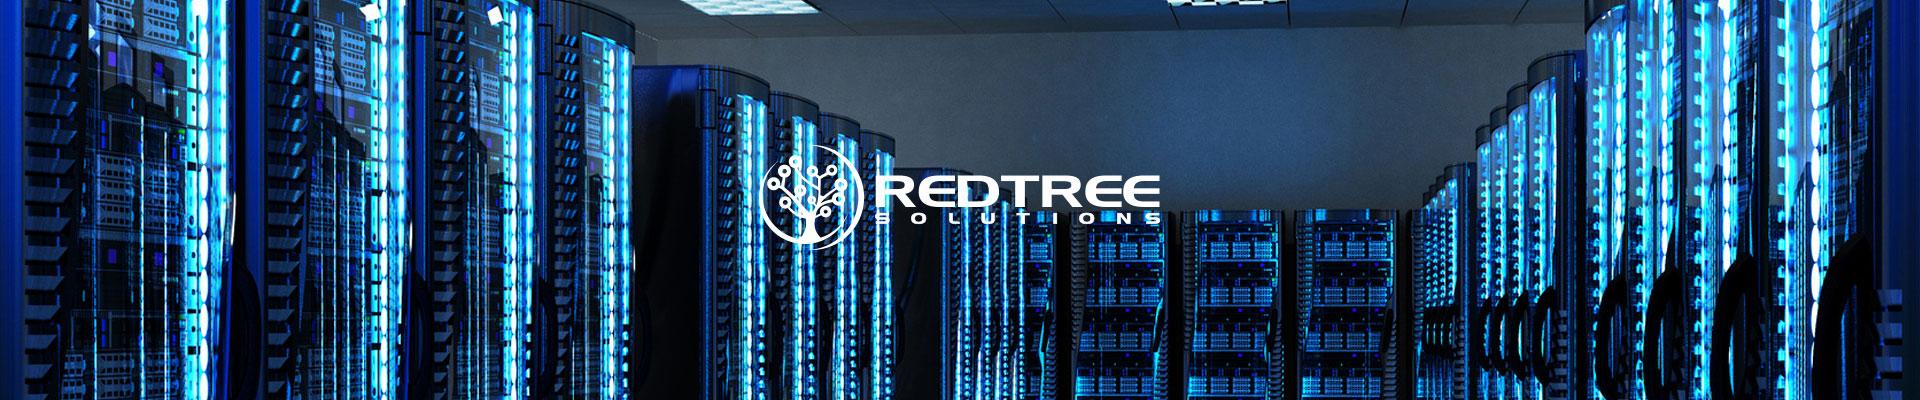 s-redtree-computing